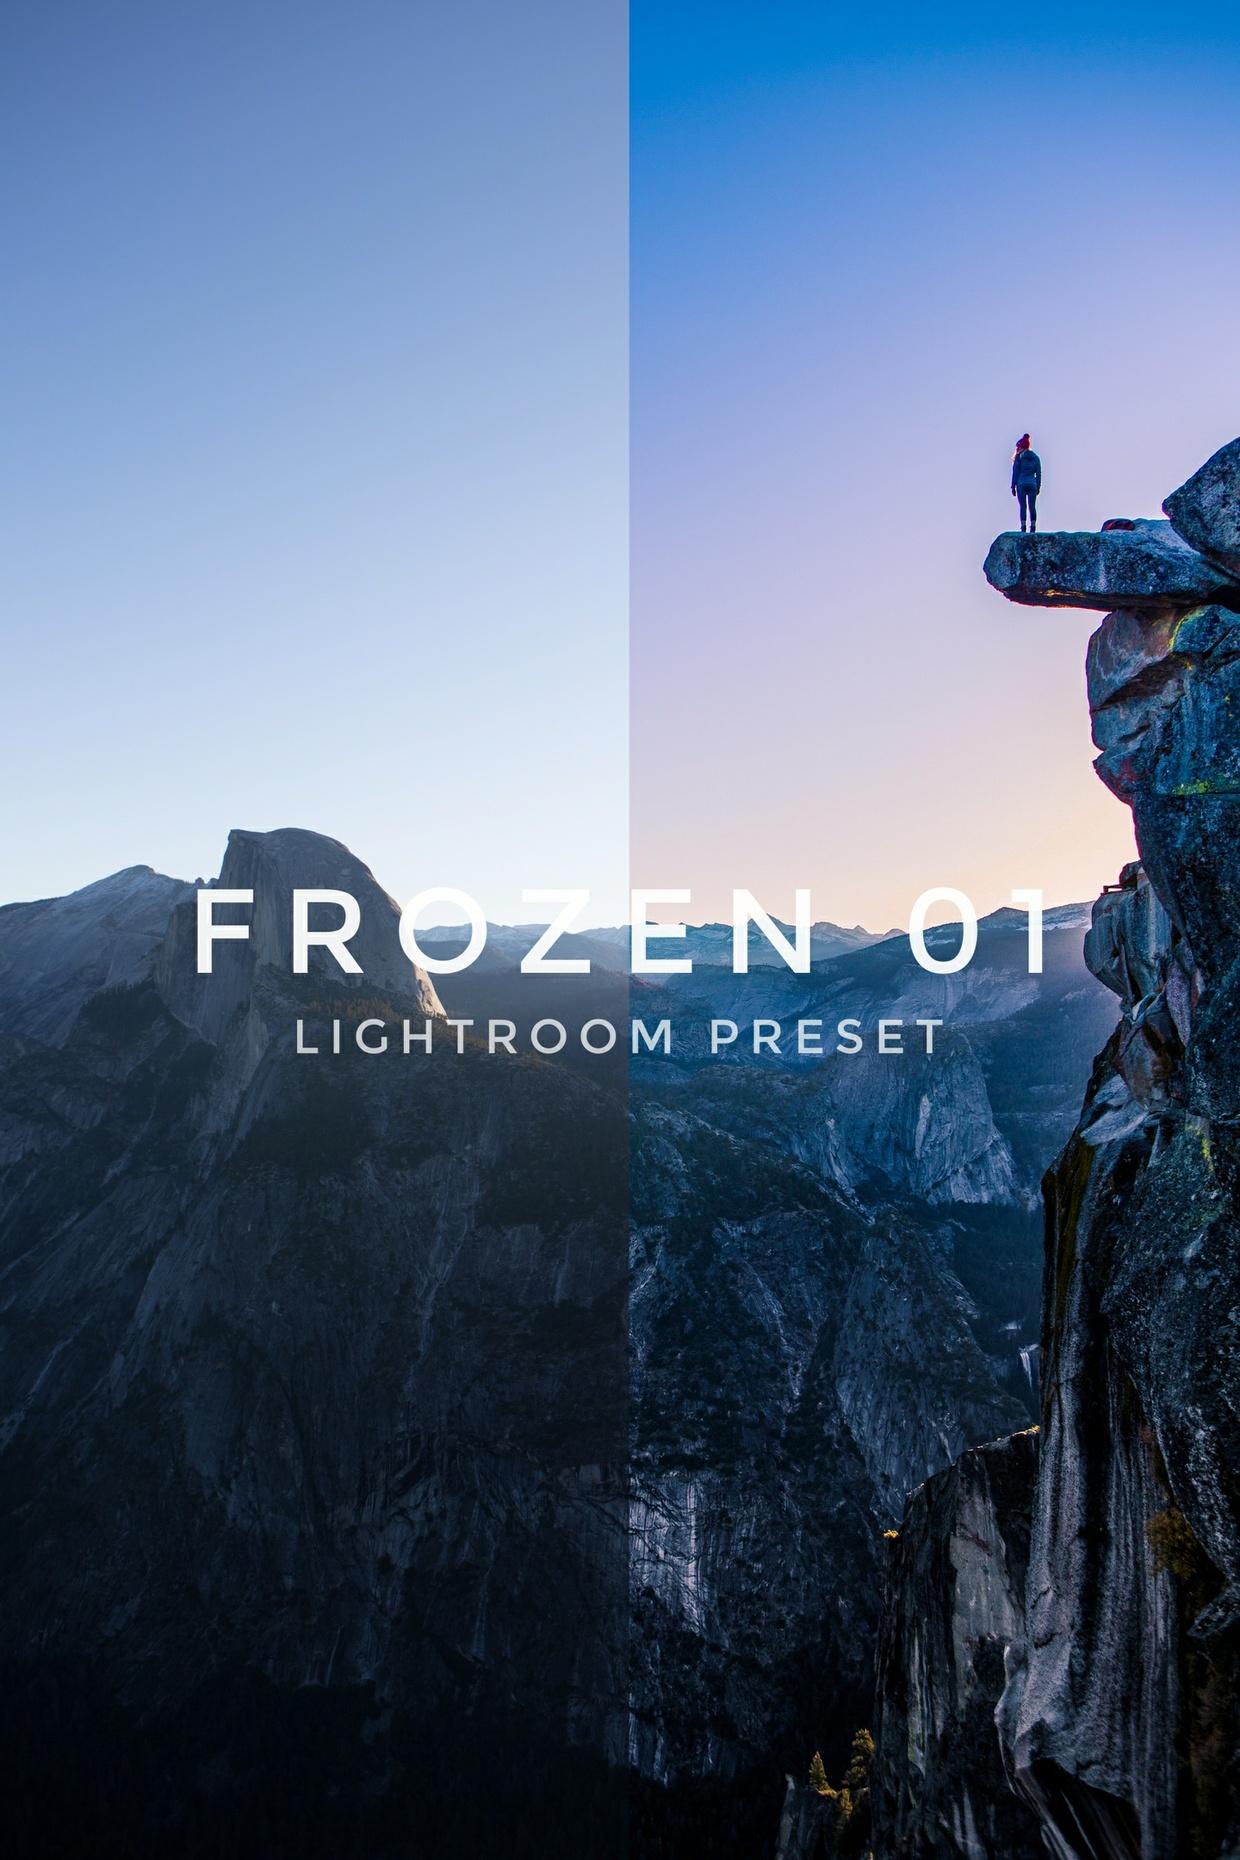 Frozen01 Lightroom preset